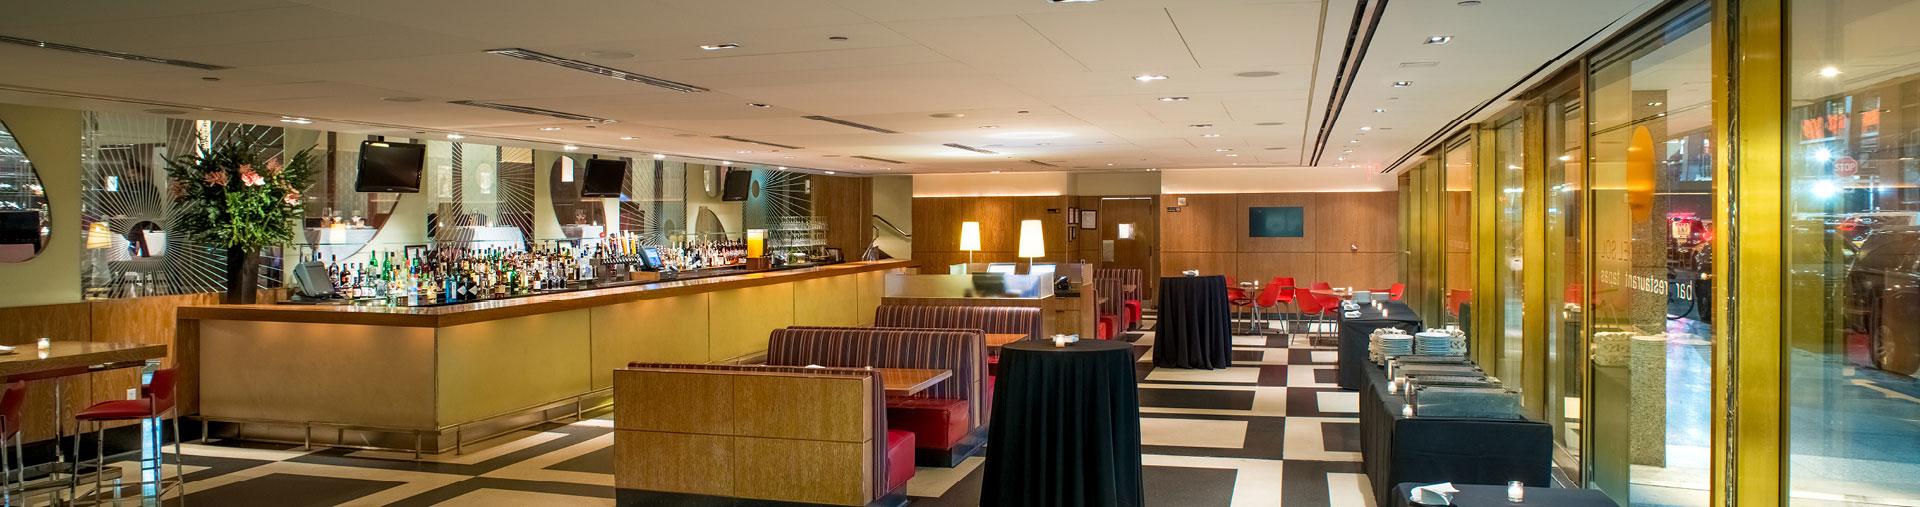 La Fonda del Sol dining area and bar